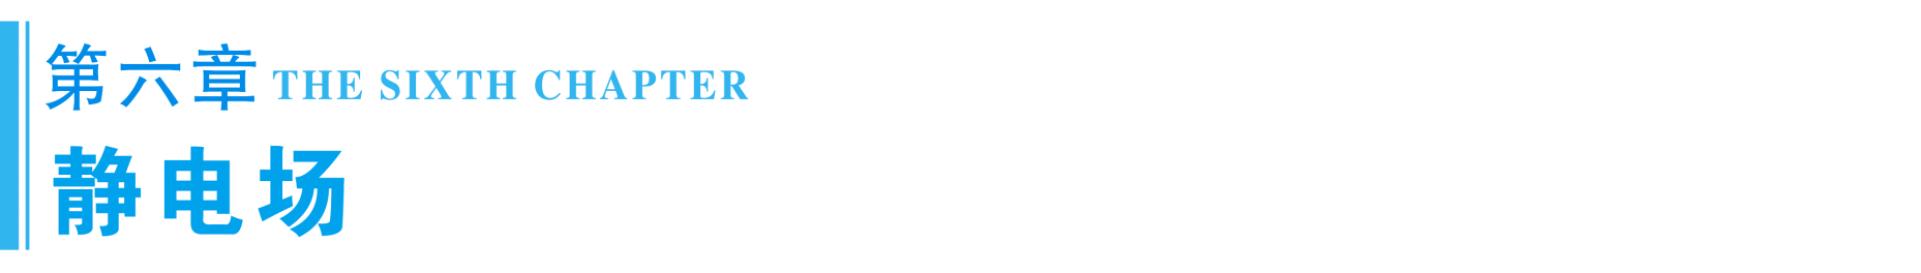 【非】2016高三大一轮复习教师用书全书可编辑WORD文档基础案 第6章